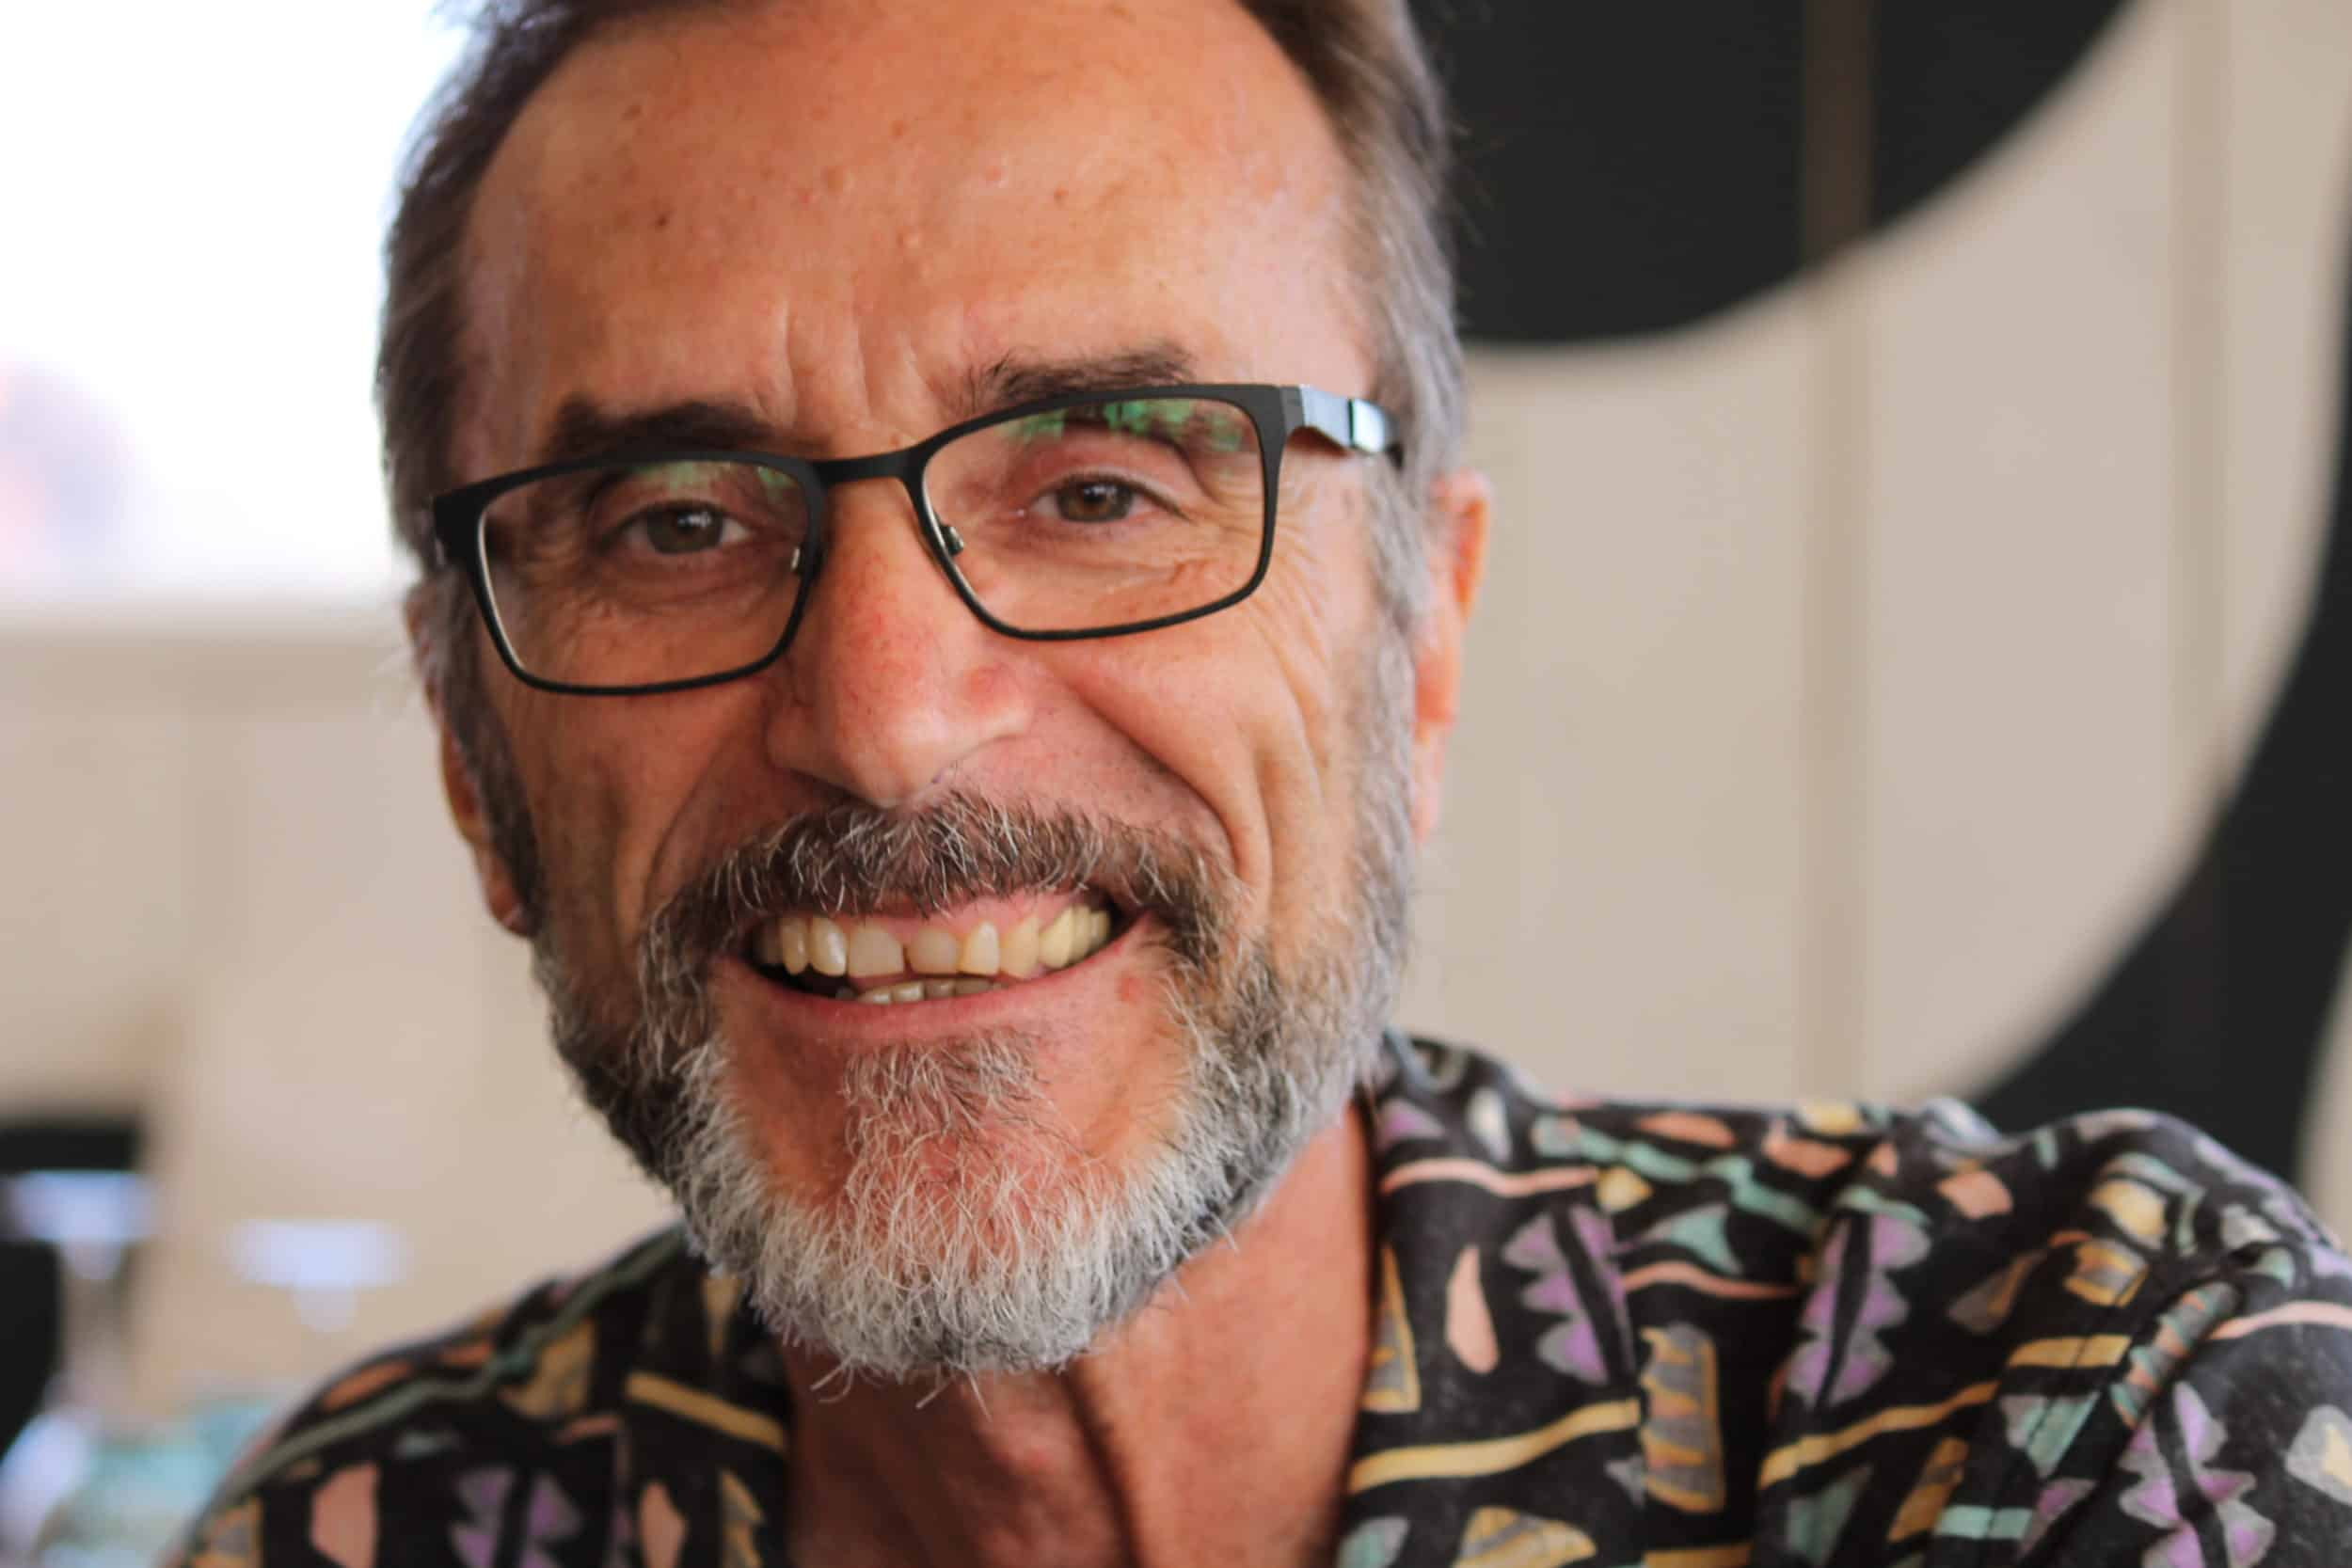 Interview : Rubén Pellejero parle du prochain Corto Maltese, Le Jour de Tarowean